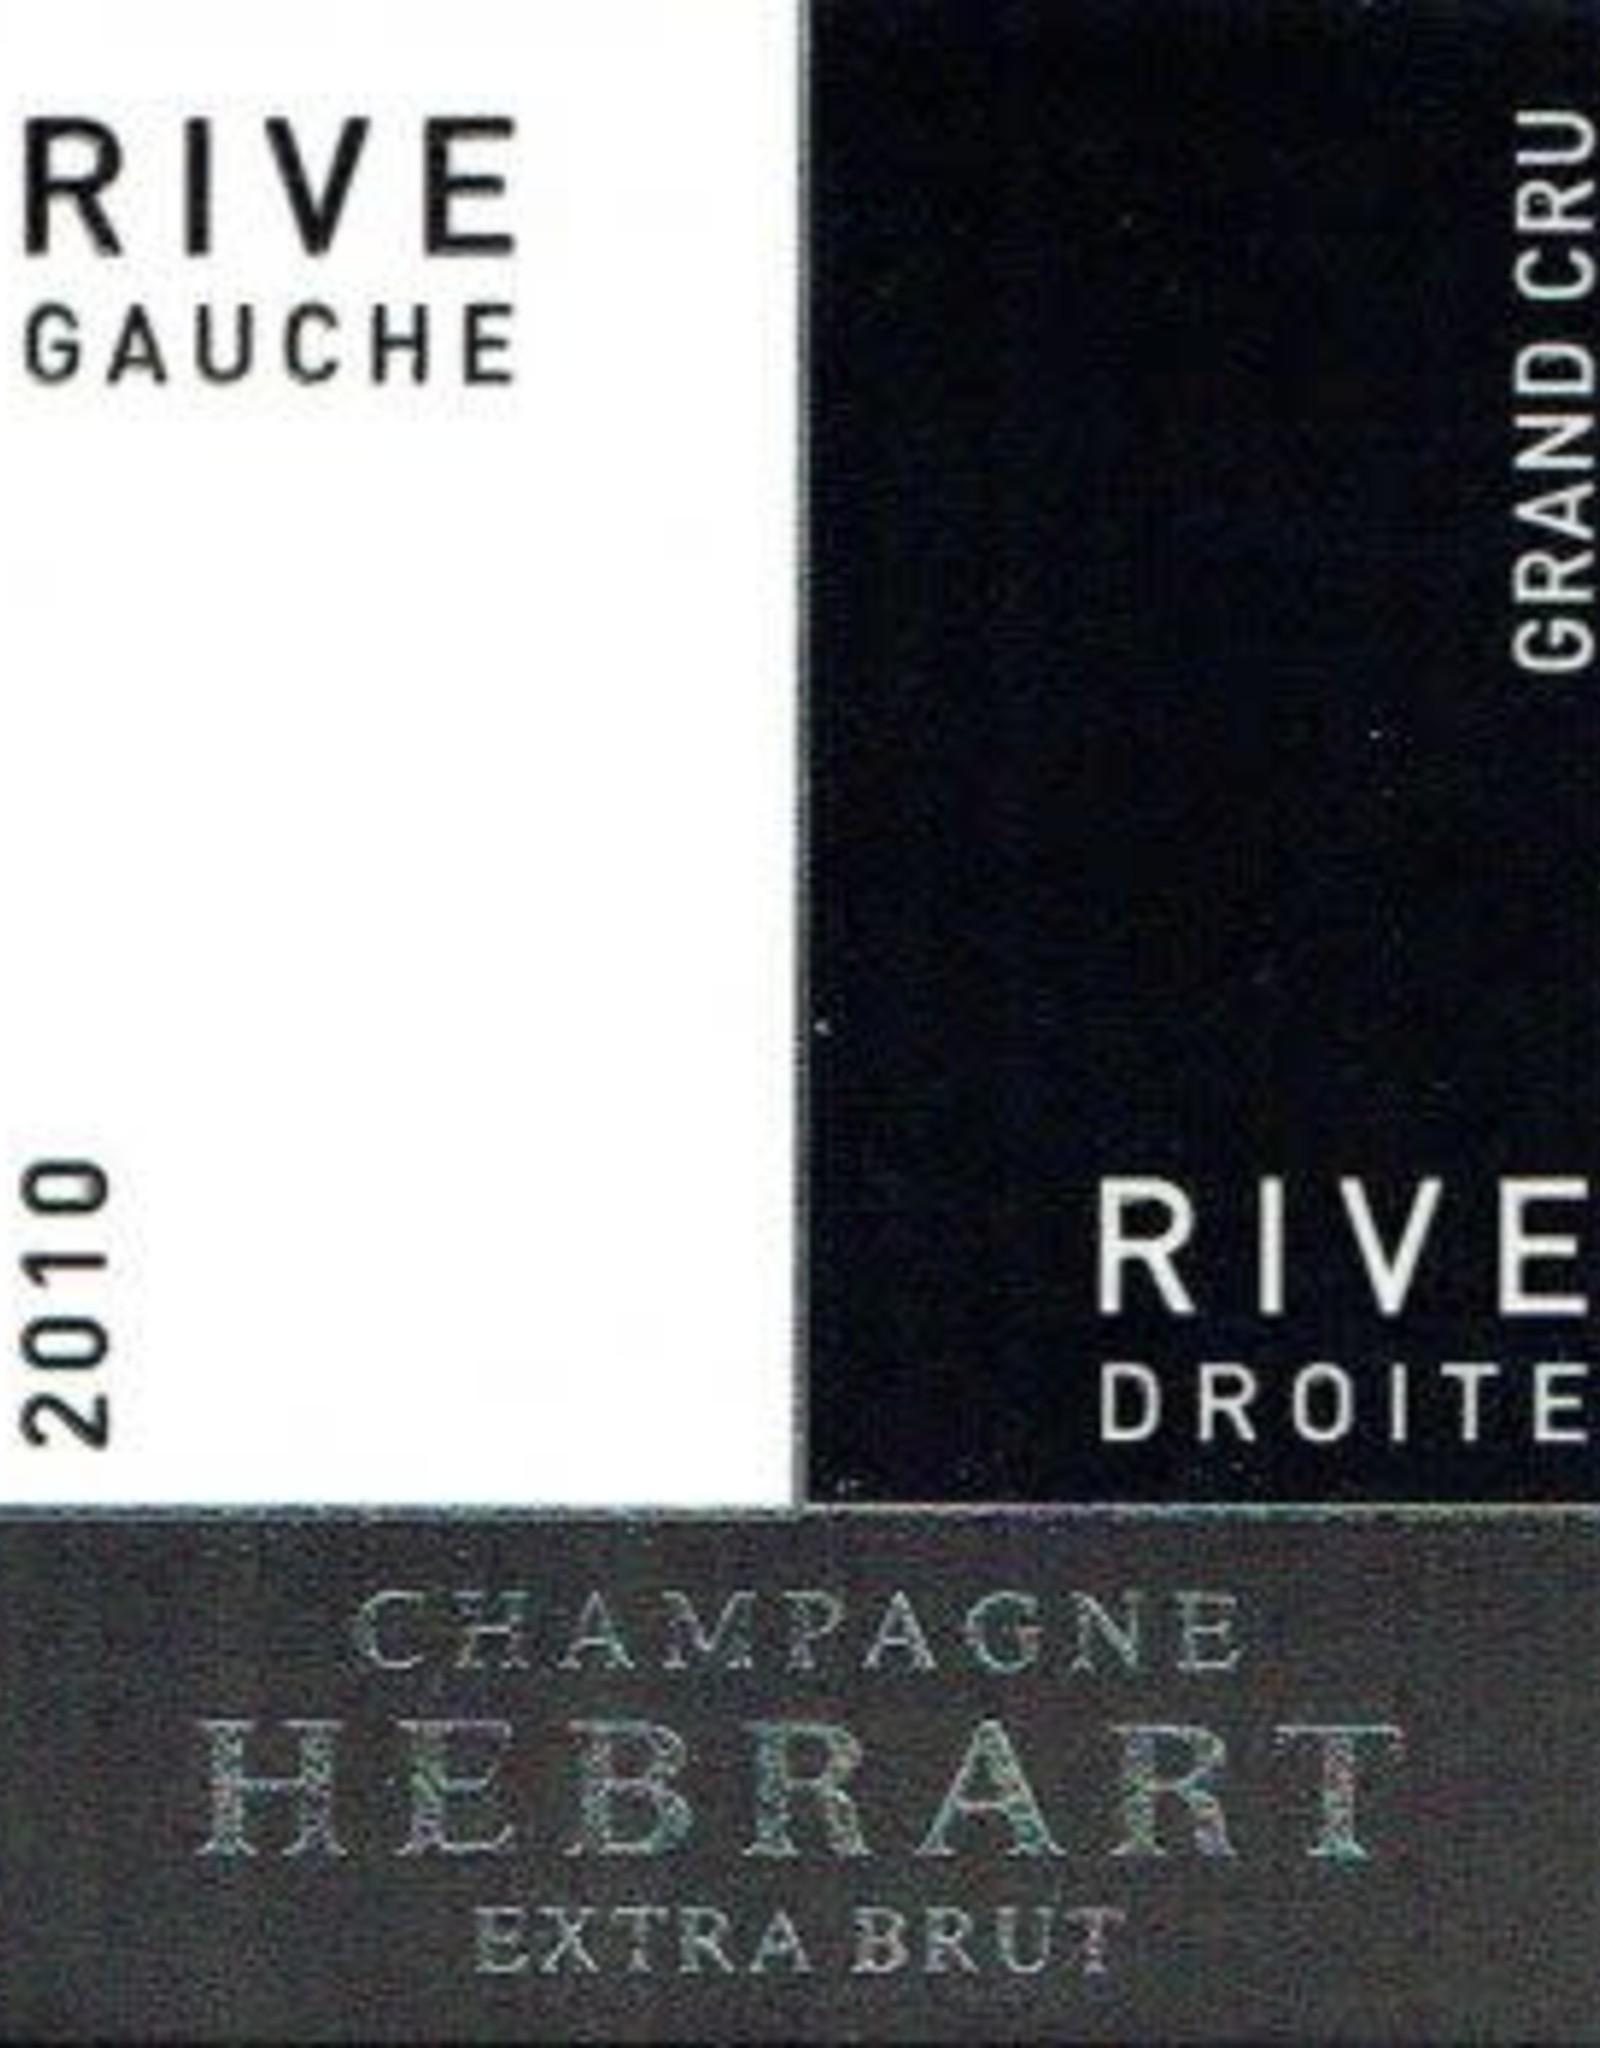 Champagne Grand Cru Brut, Rive Gauche - Rive Droite, Marc Hebrart 2013